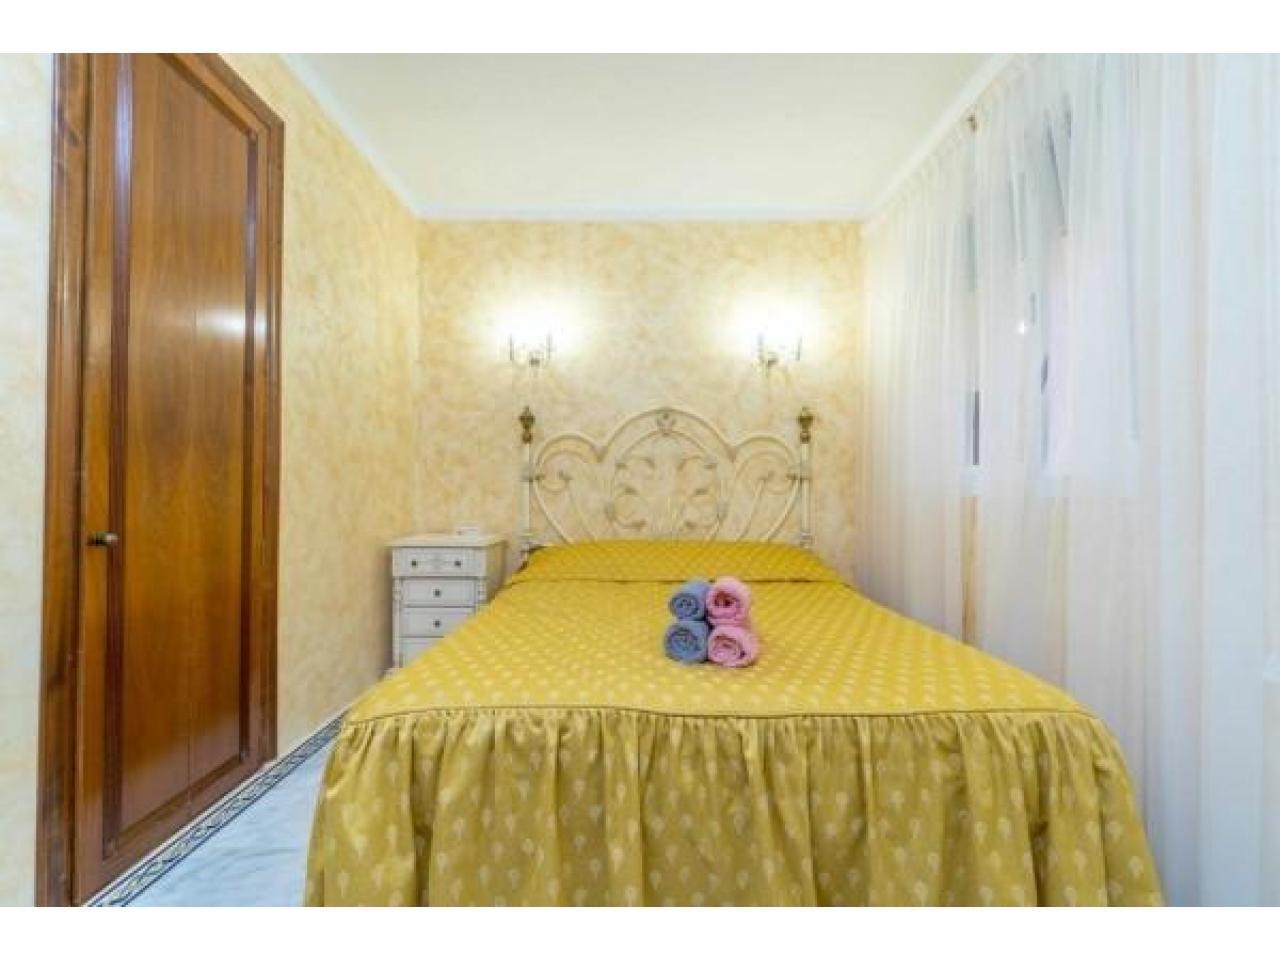 Недвижимость в Испании, Квартира с видом на море в Торревьеха,Коста Бланка,Испания - 7